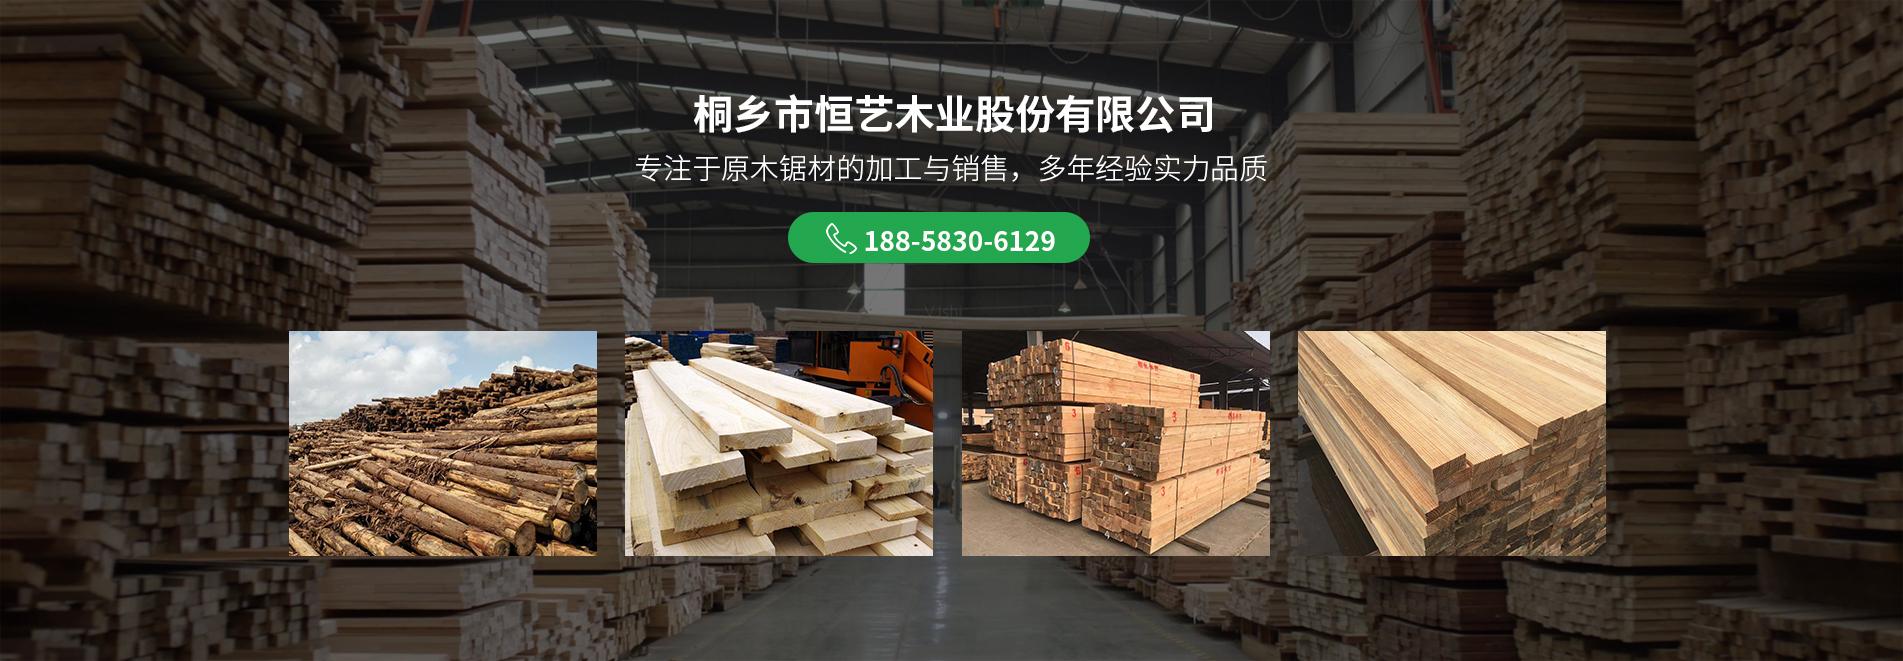 定制木材加工